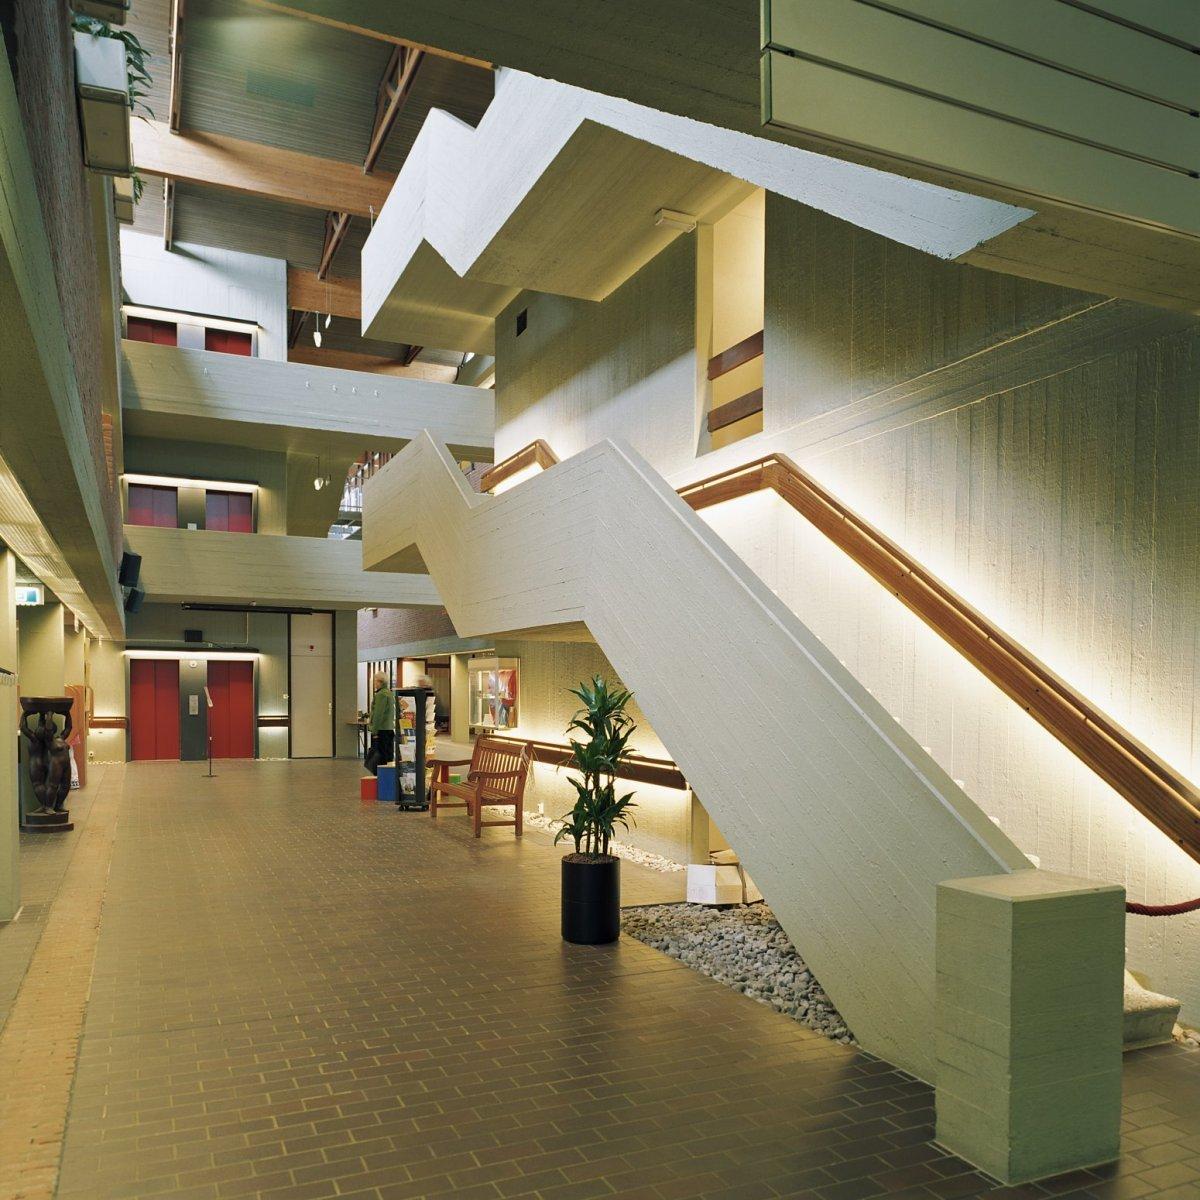 File:Interieur, overzicht van de centrale hal met de trap naar de ...